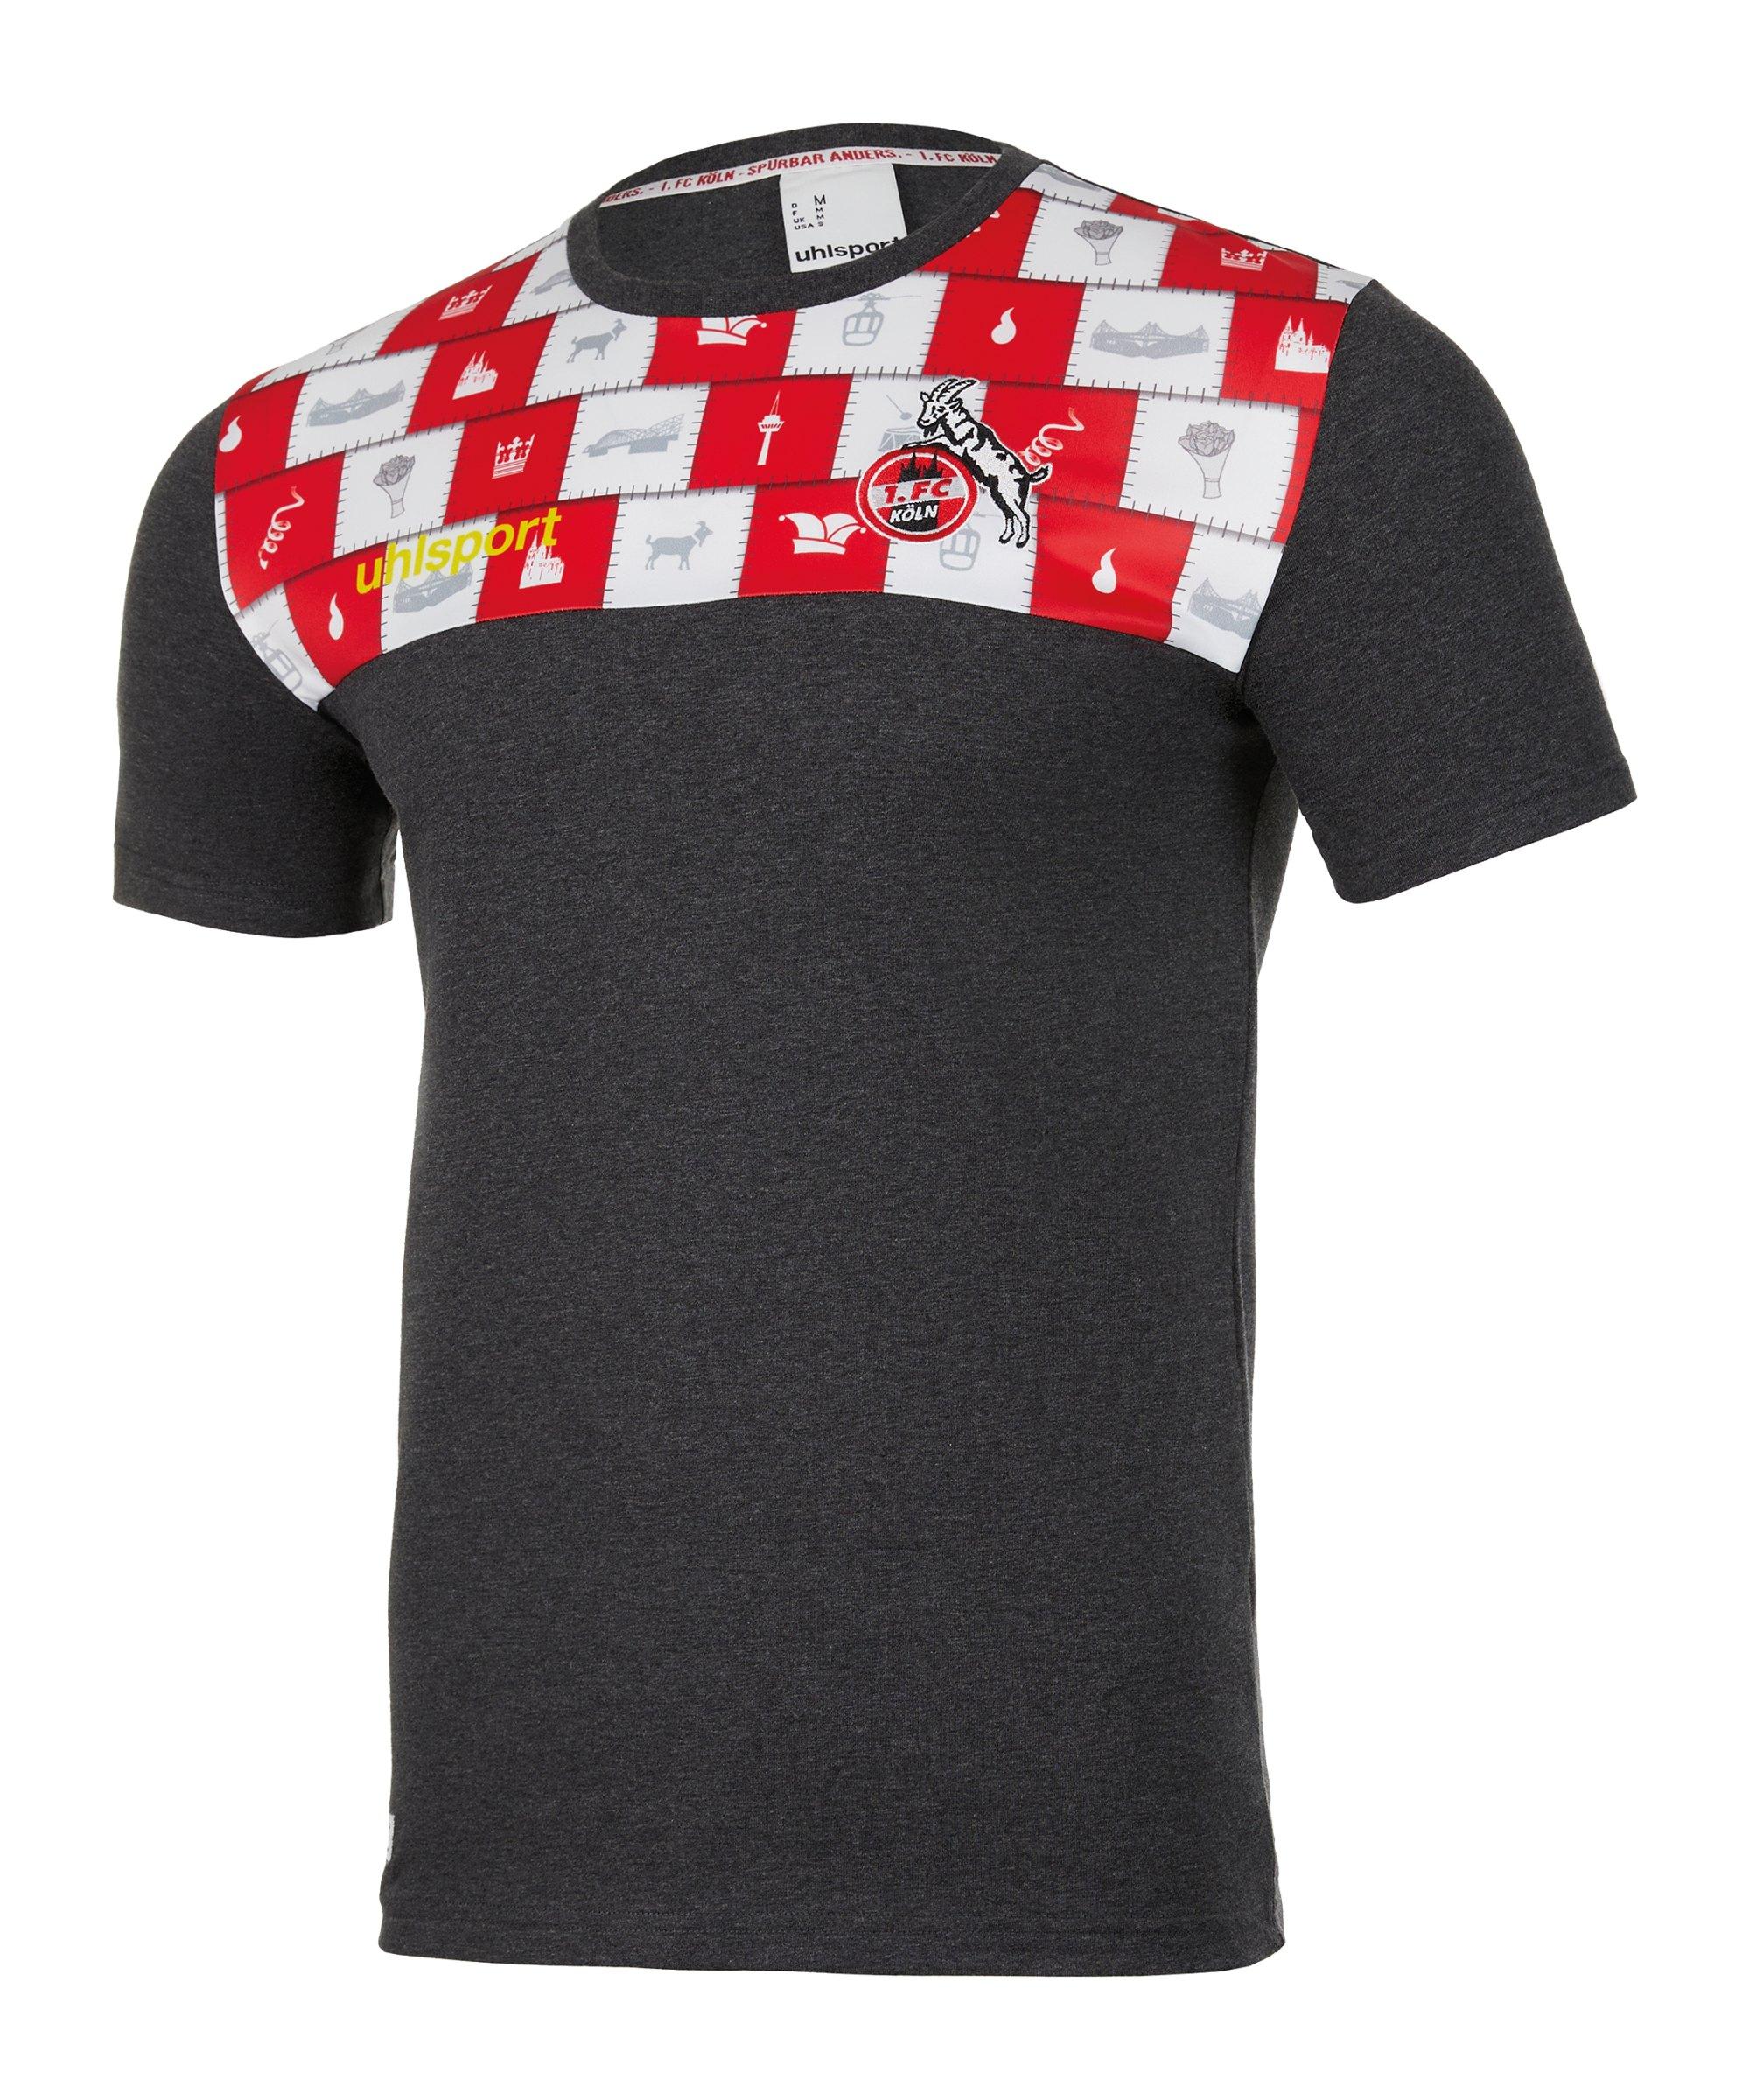 Uhlsport 1. FC Köln Karneval T-Shirt - schwarz